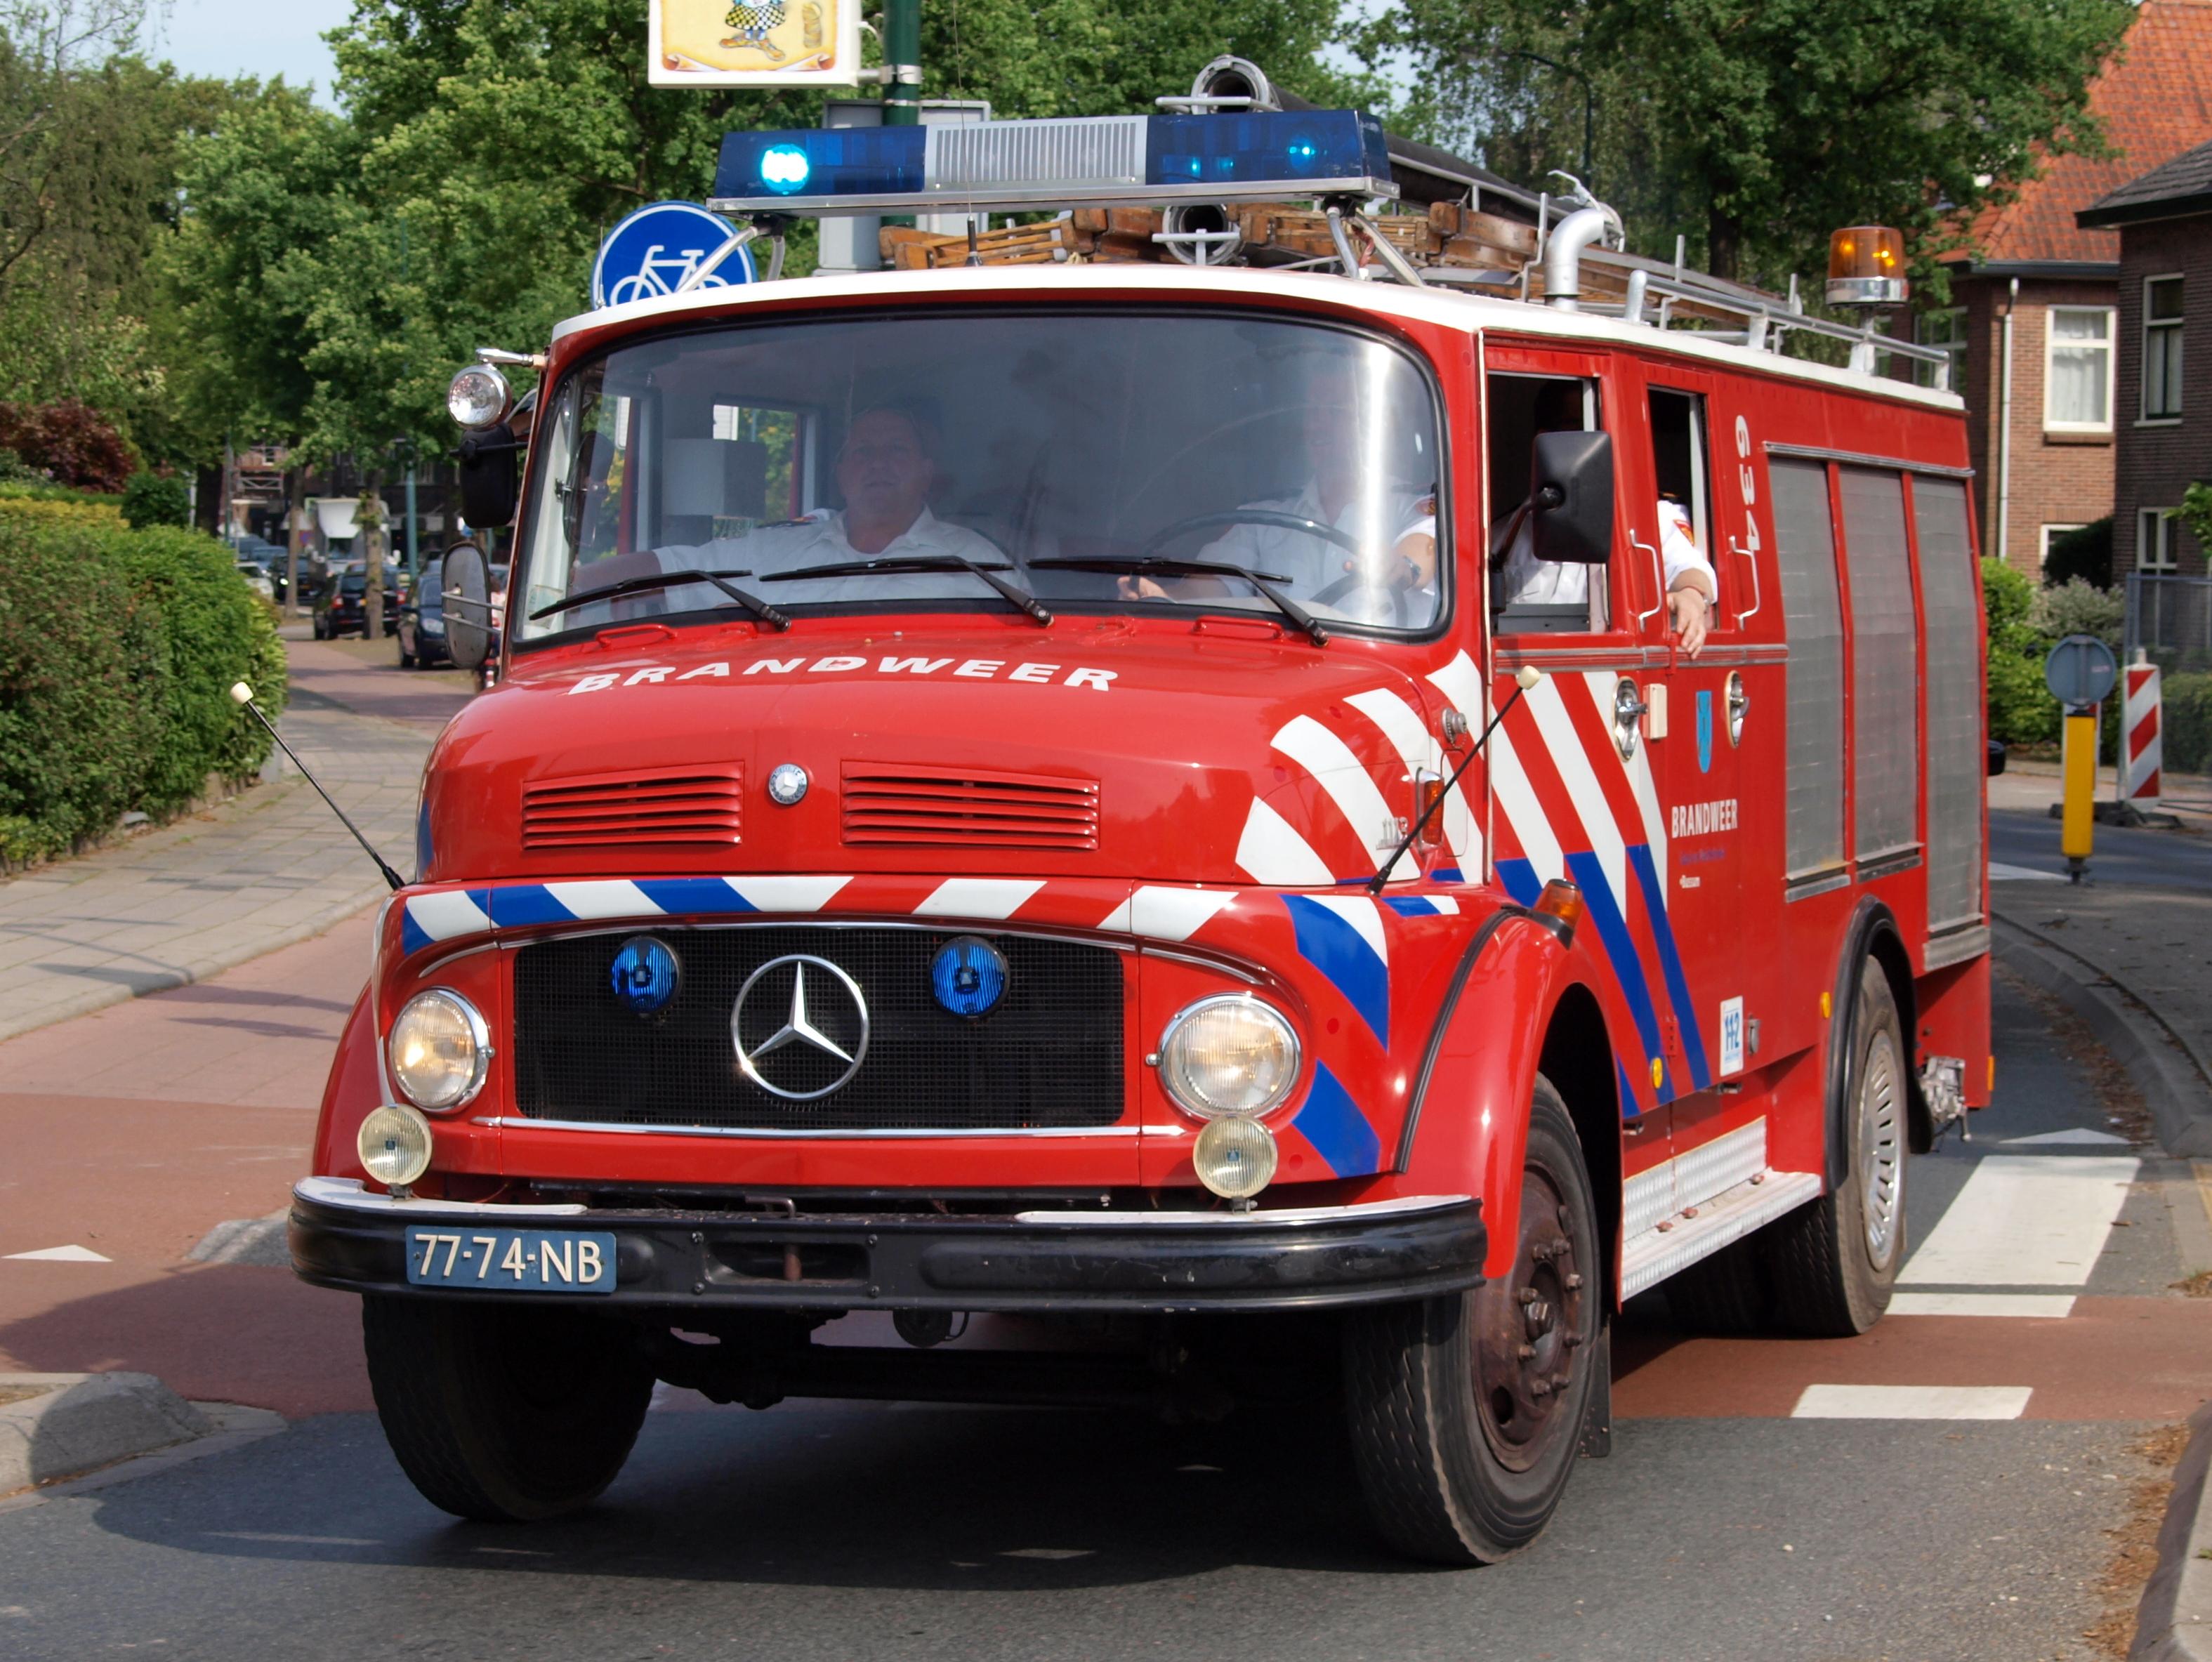 File:Mercedes 1113 Brandweer Gooi en Vechtstreek Bussem, Bridgehead 2011  pic2.JPG